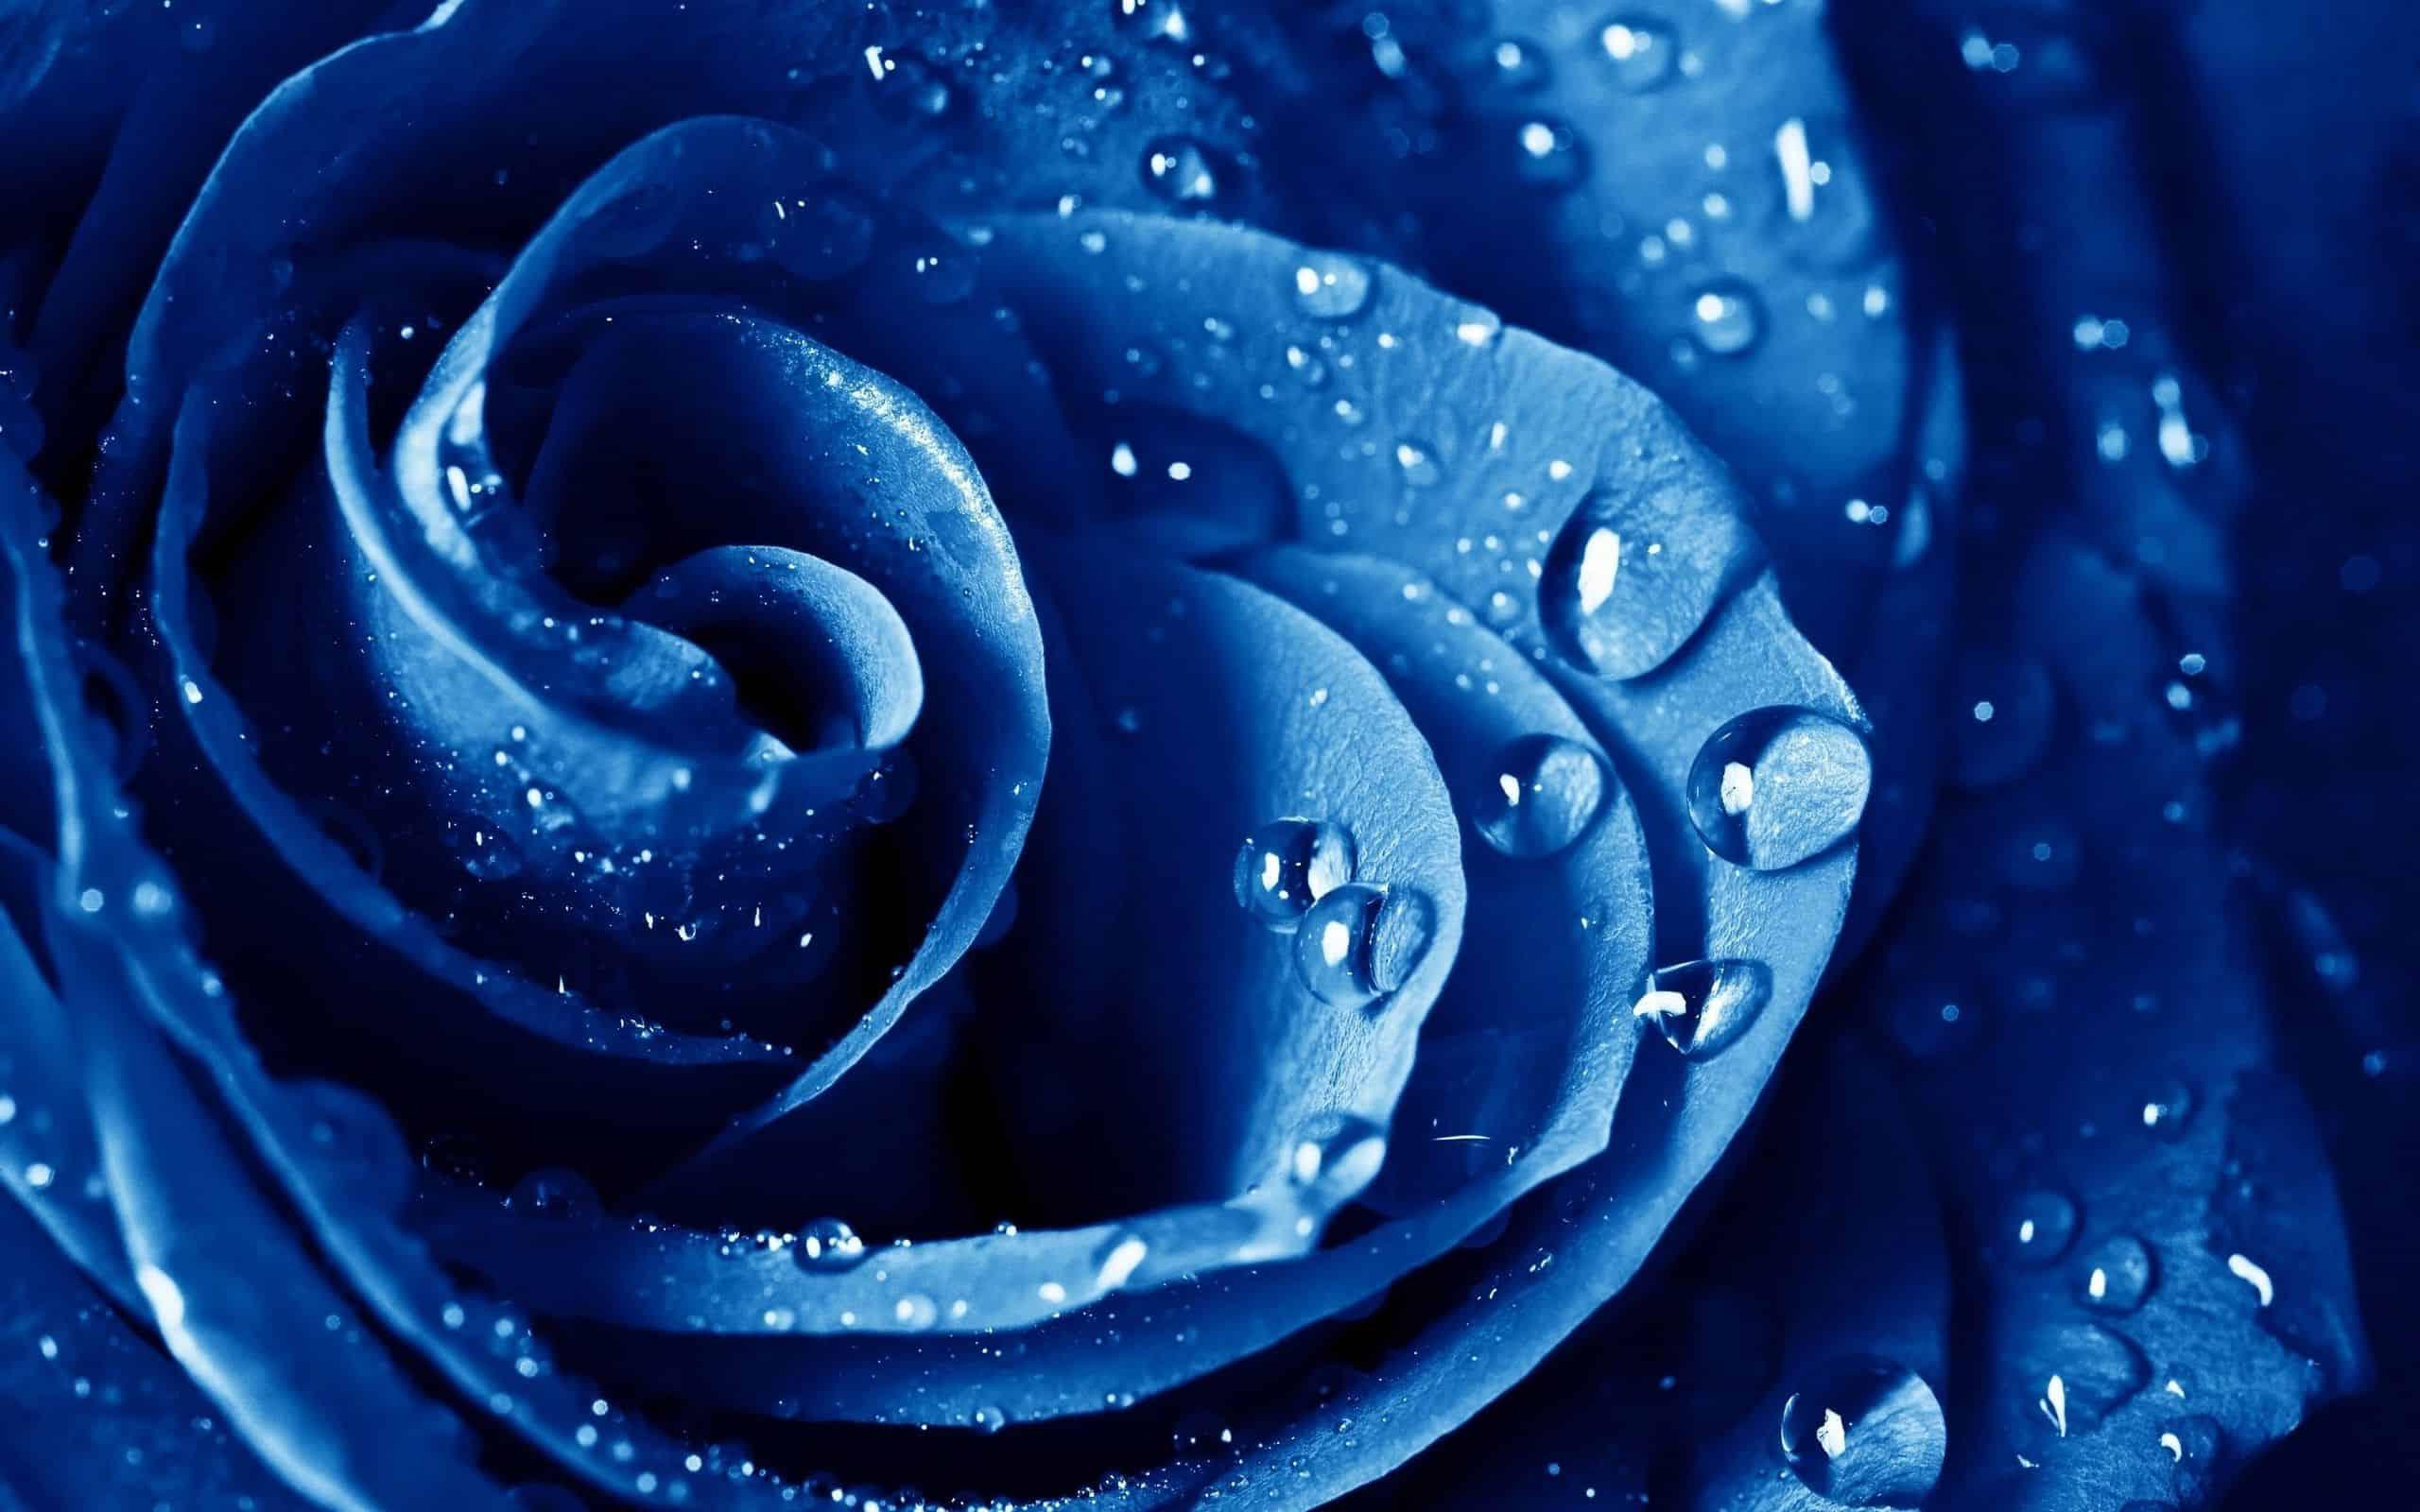 синий цвет фото